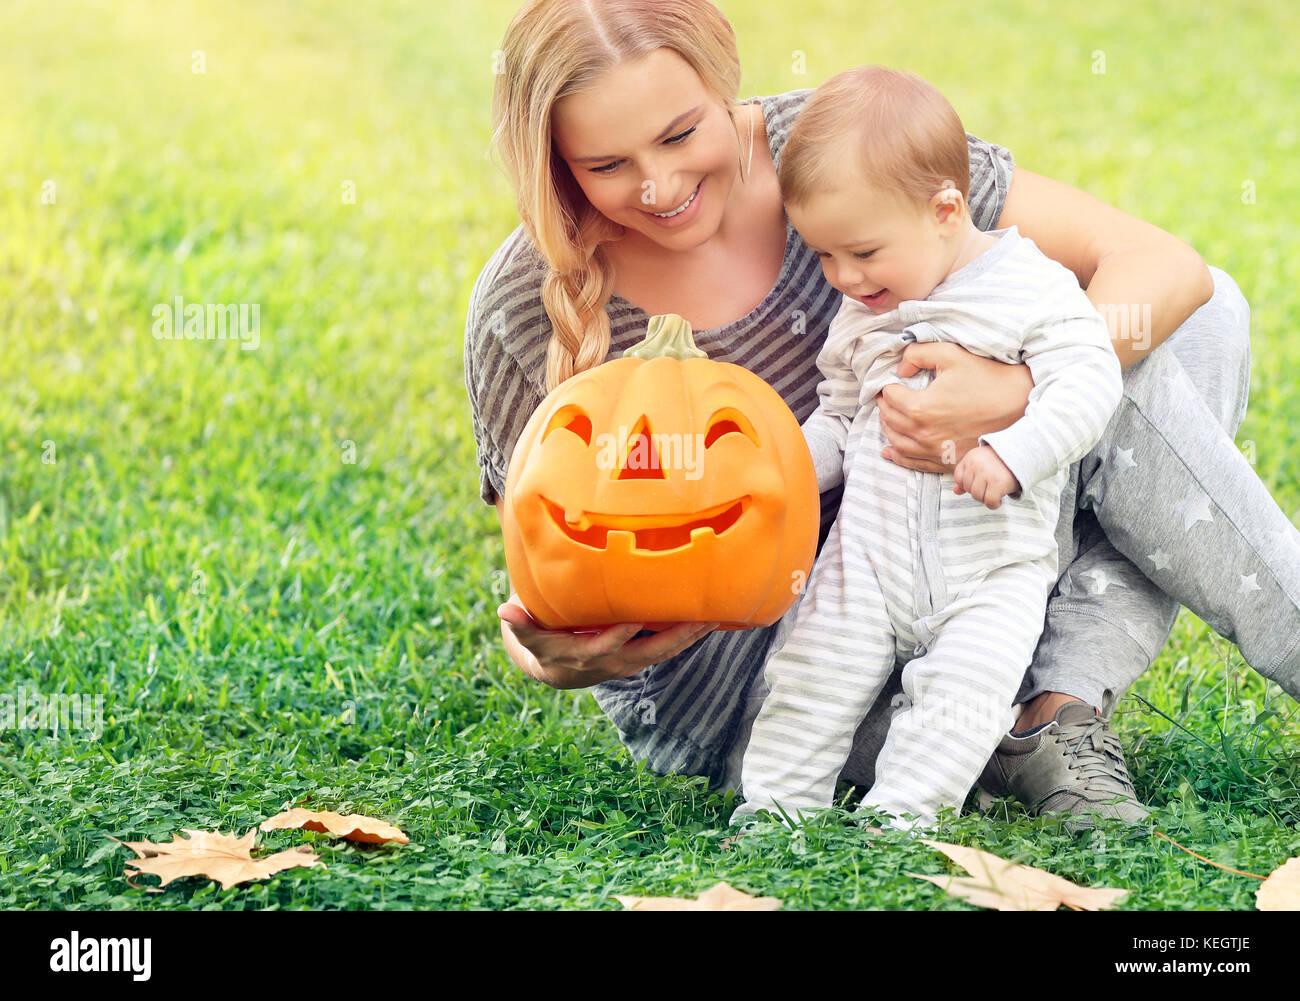 Mère heureuse avec un petit bébé à l'extérieur, assis sur la pelouse verte et orange Photo Stock